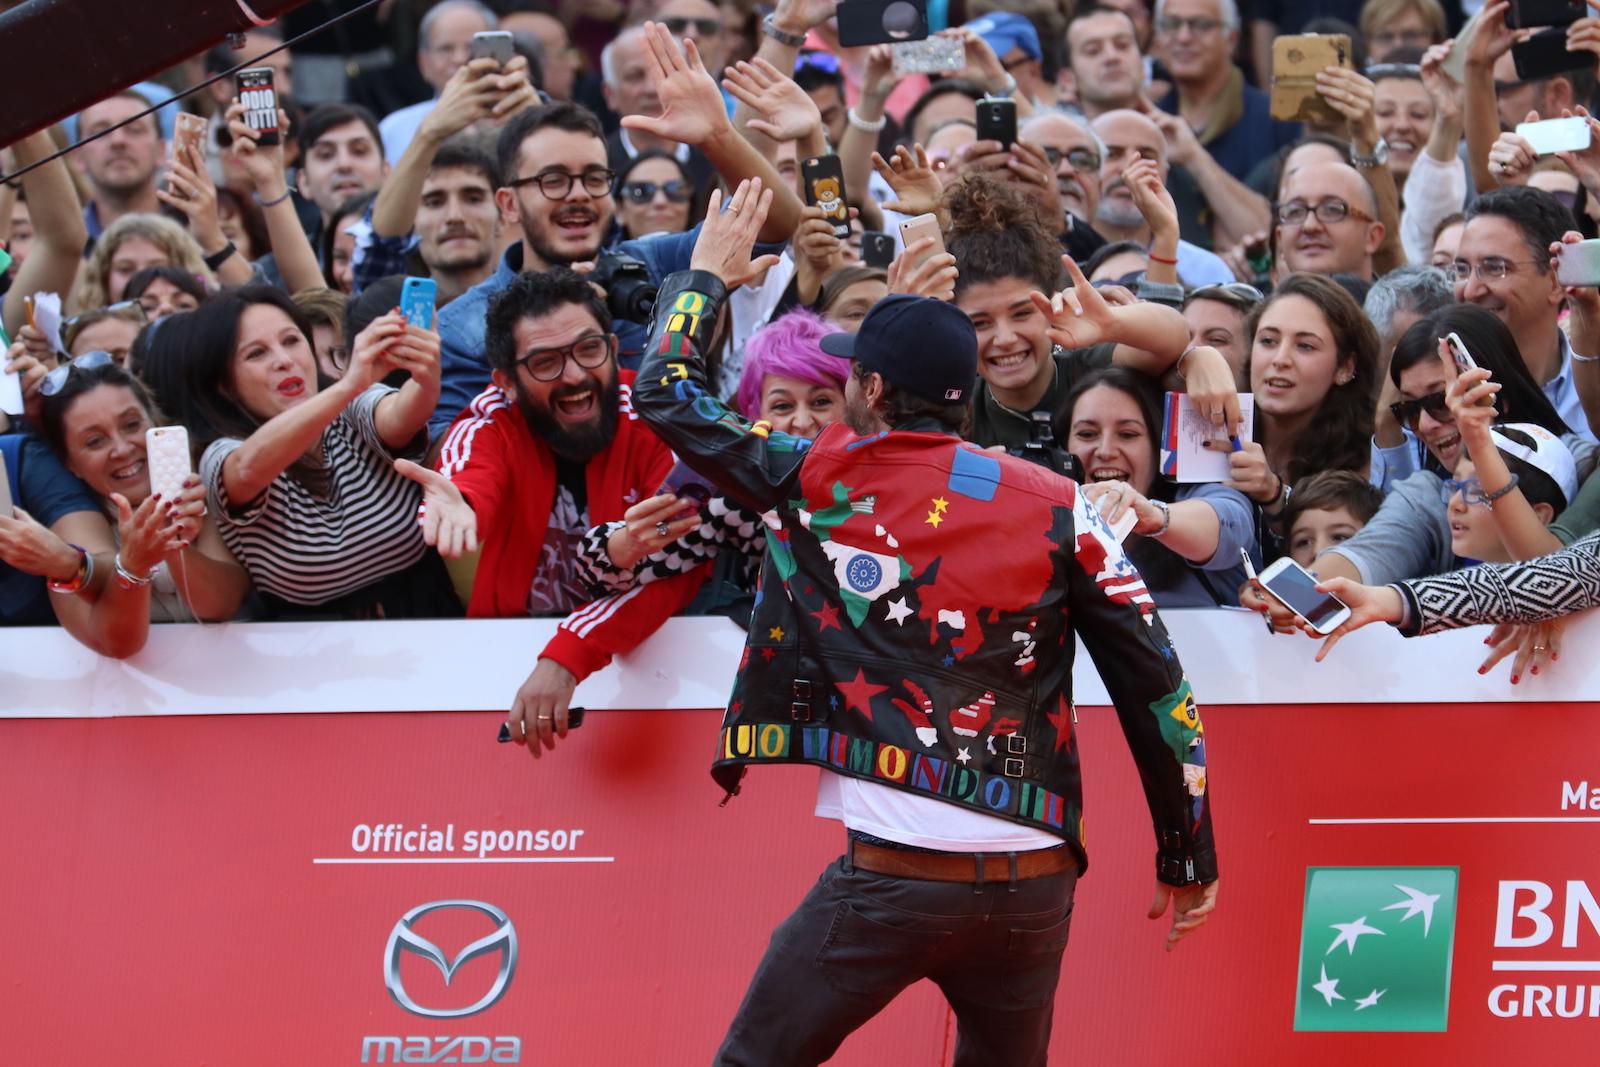 Roma 2016: Jovanotti saluta i fan sul red carpet